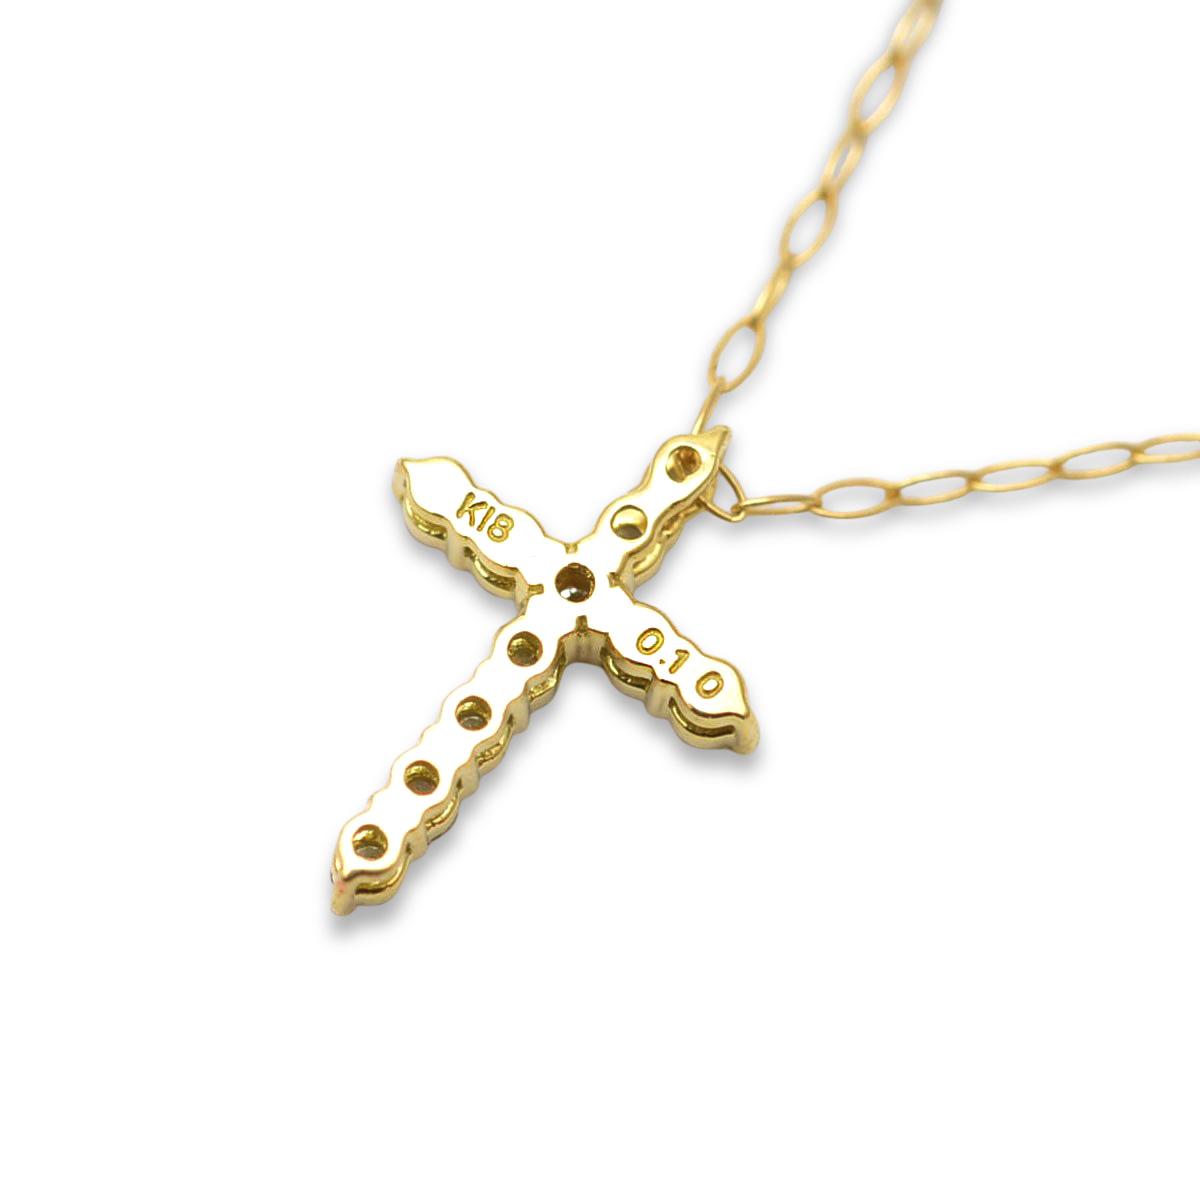 ゴールドネックレス k18ネックレス (RERALUy)クロスダイアモンド ネックレス ダイヤモンド0.1ct K18 18金 ゴールド イエローゴールド ペンダント シンプル rne1636